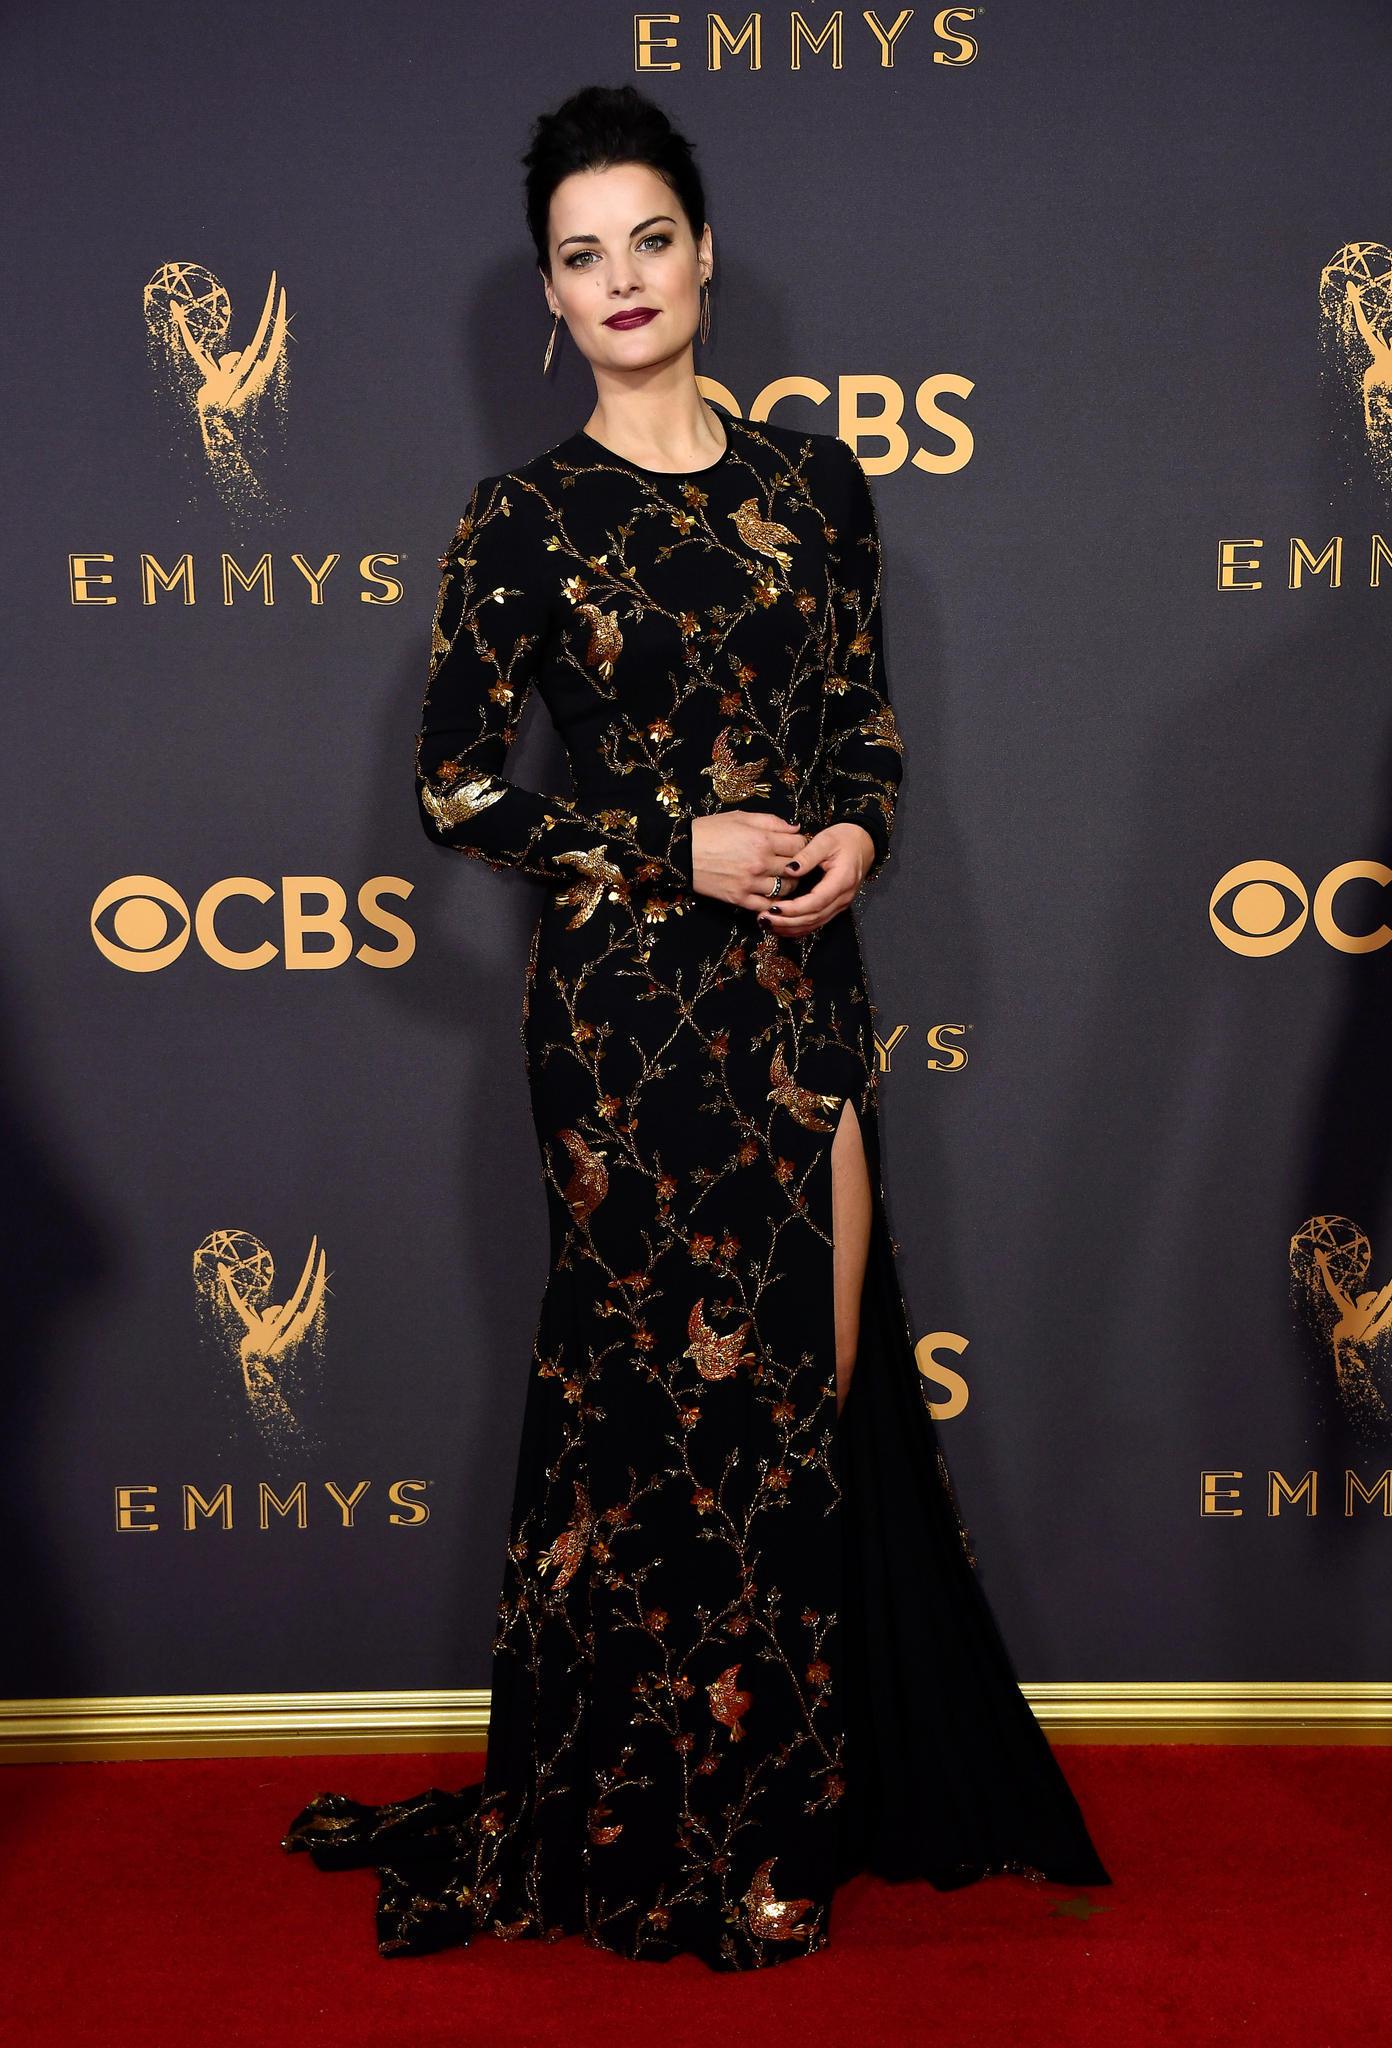 Emmys 2017 mit Jaimie Alexander